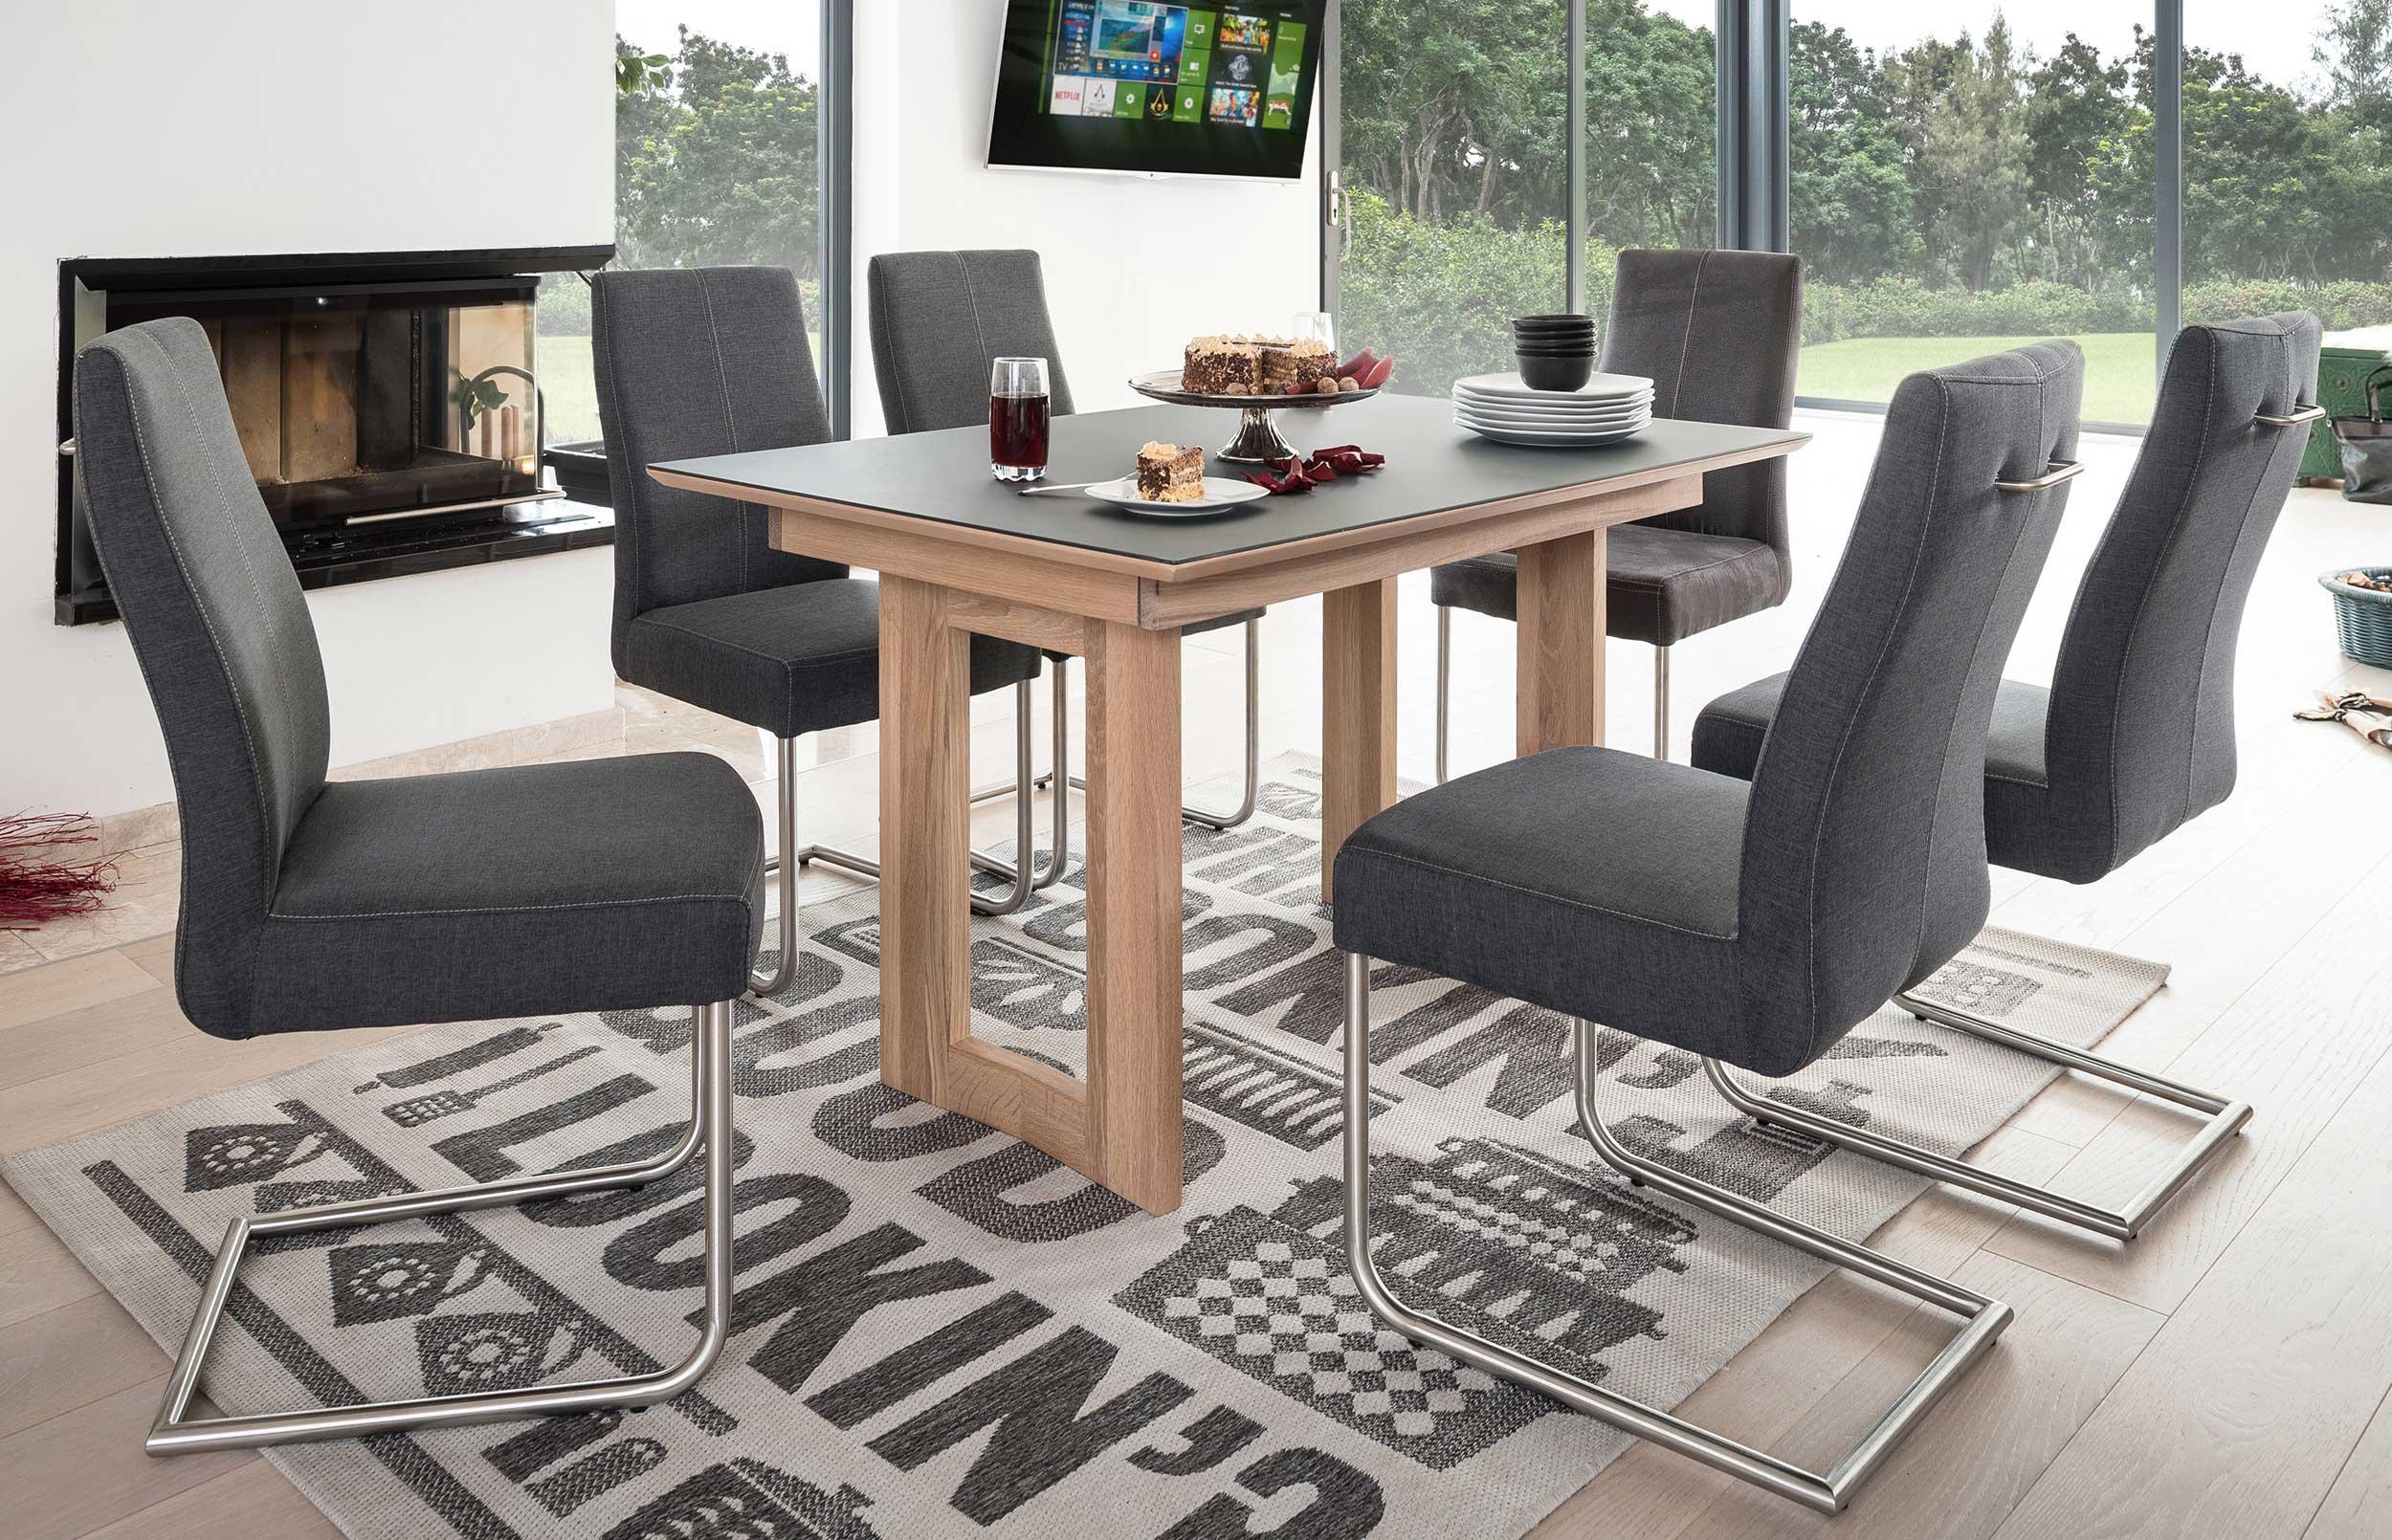 Standard Furniture Komforto Holztisch massiv eiche bianco